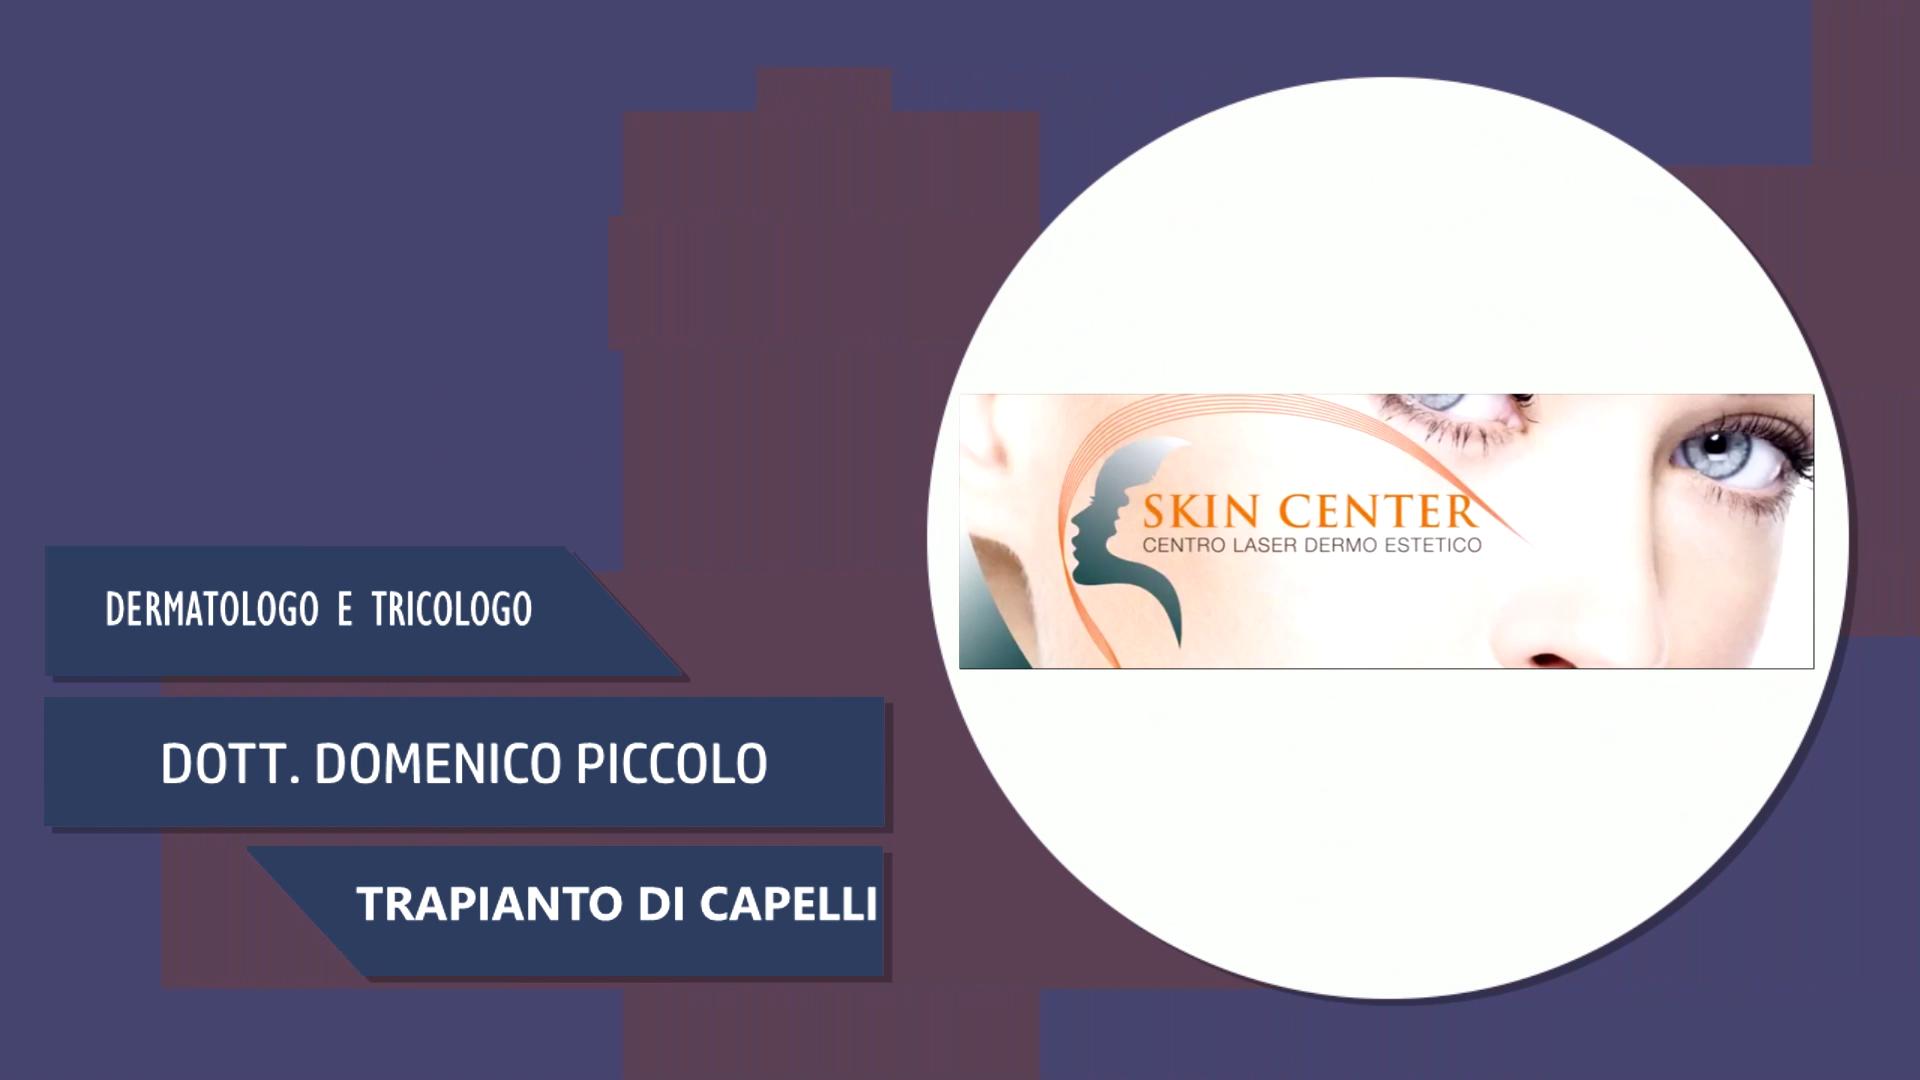 Dott. Domenico Piccolo – Trapianto di Capelli